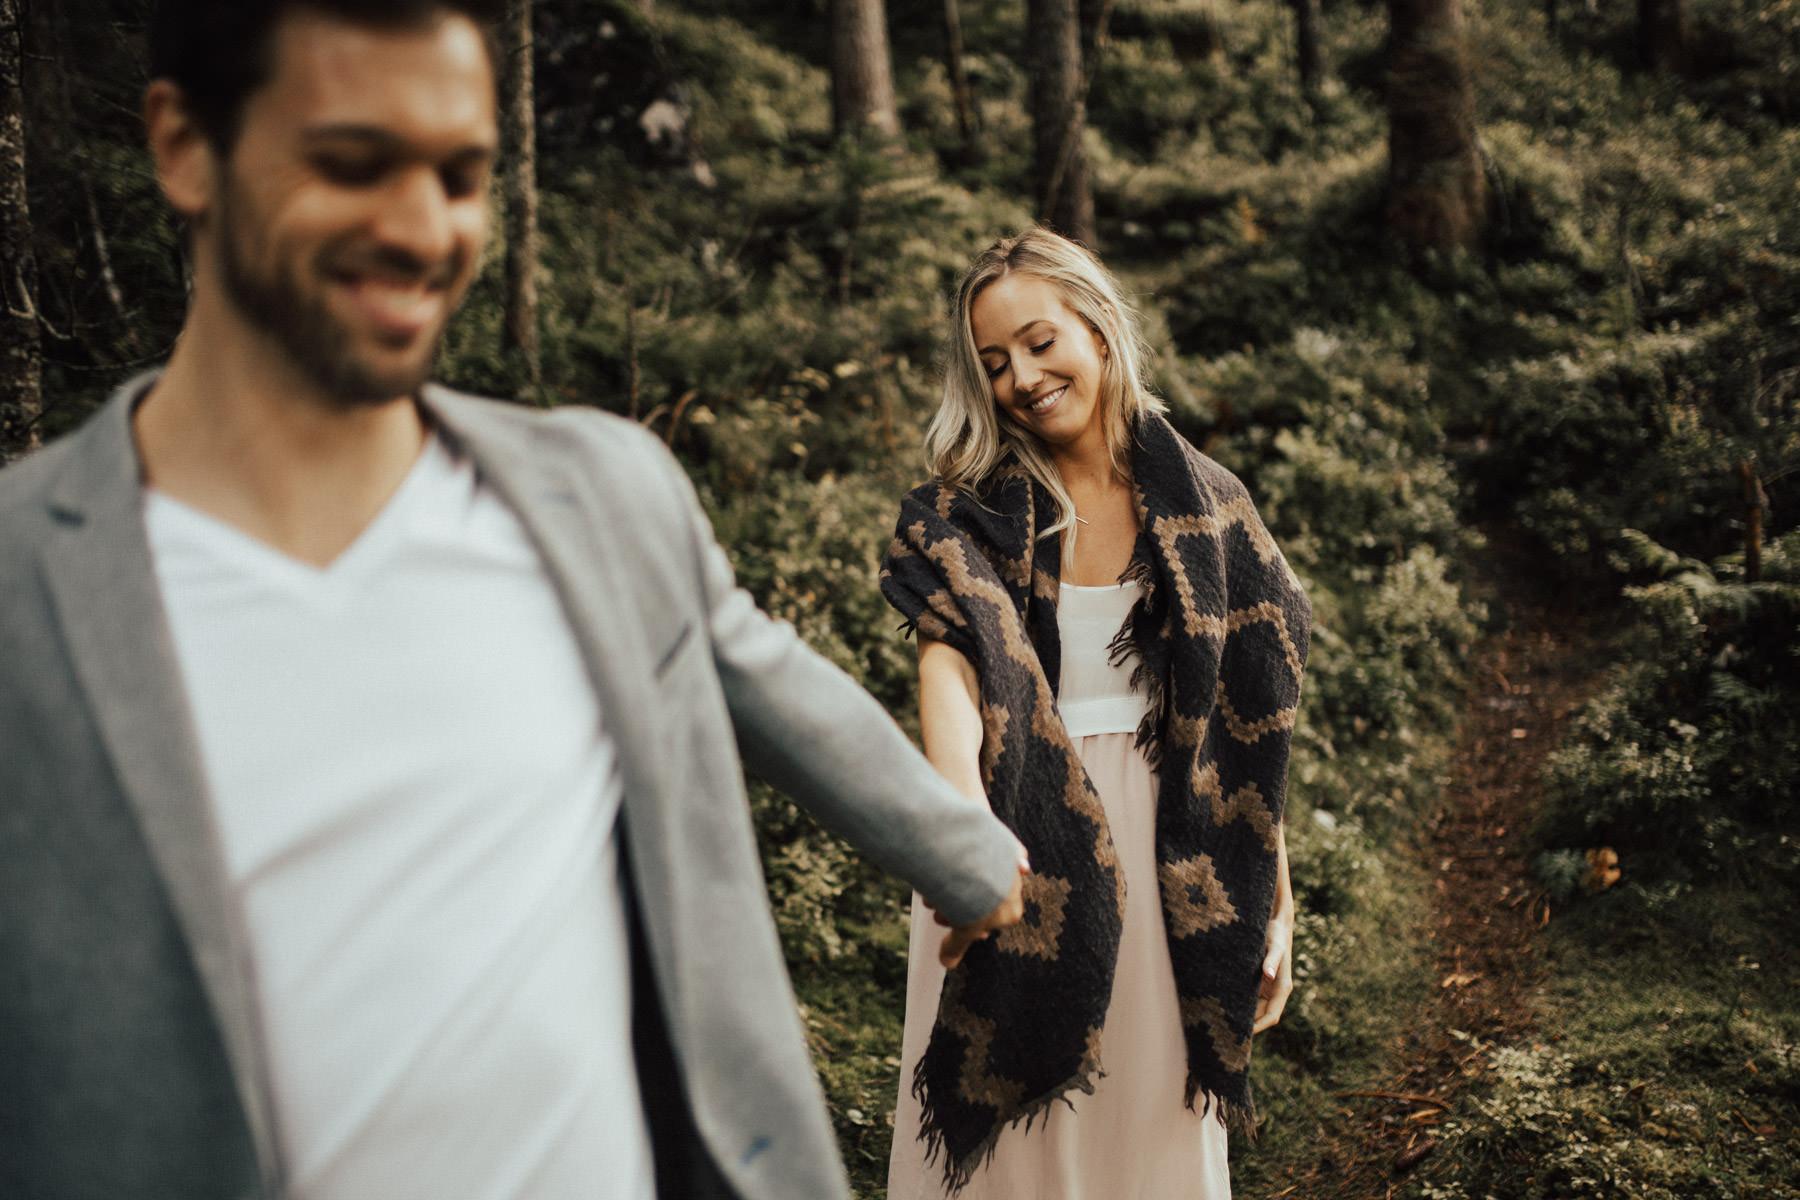 gehendes Paar im Wald